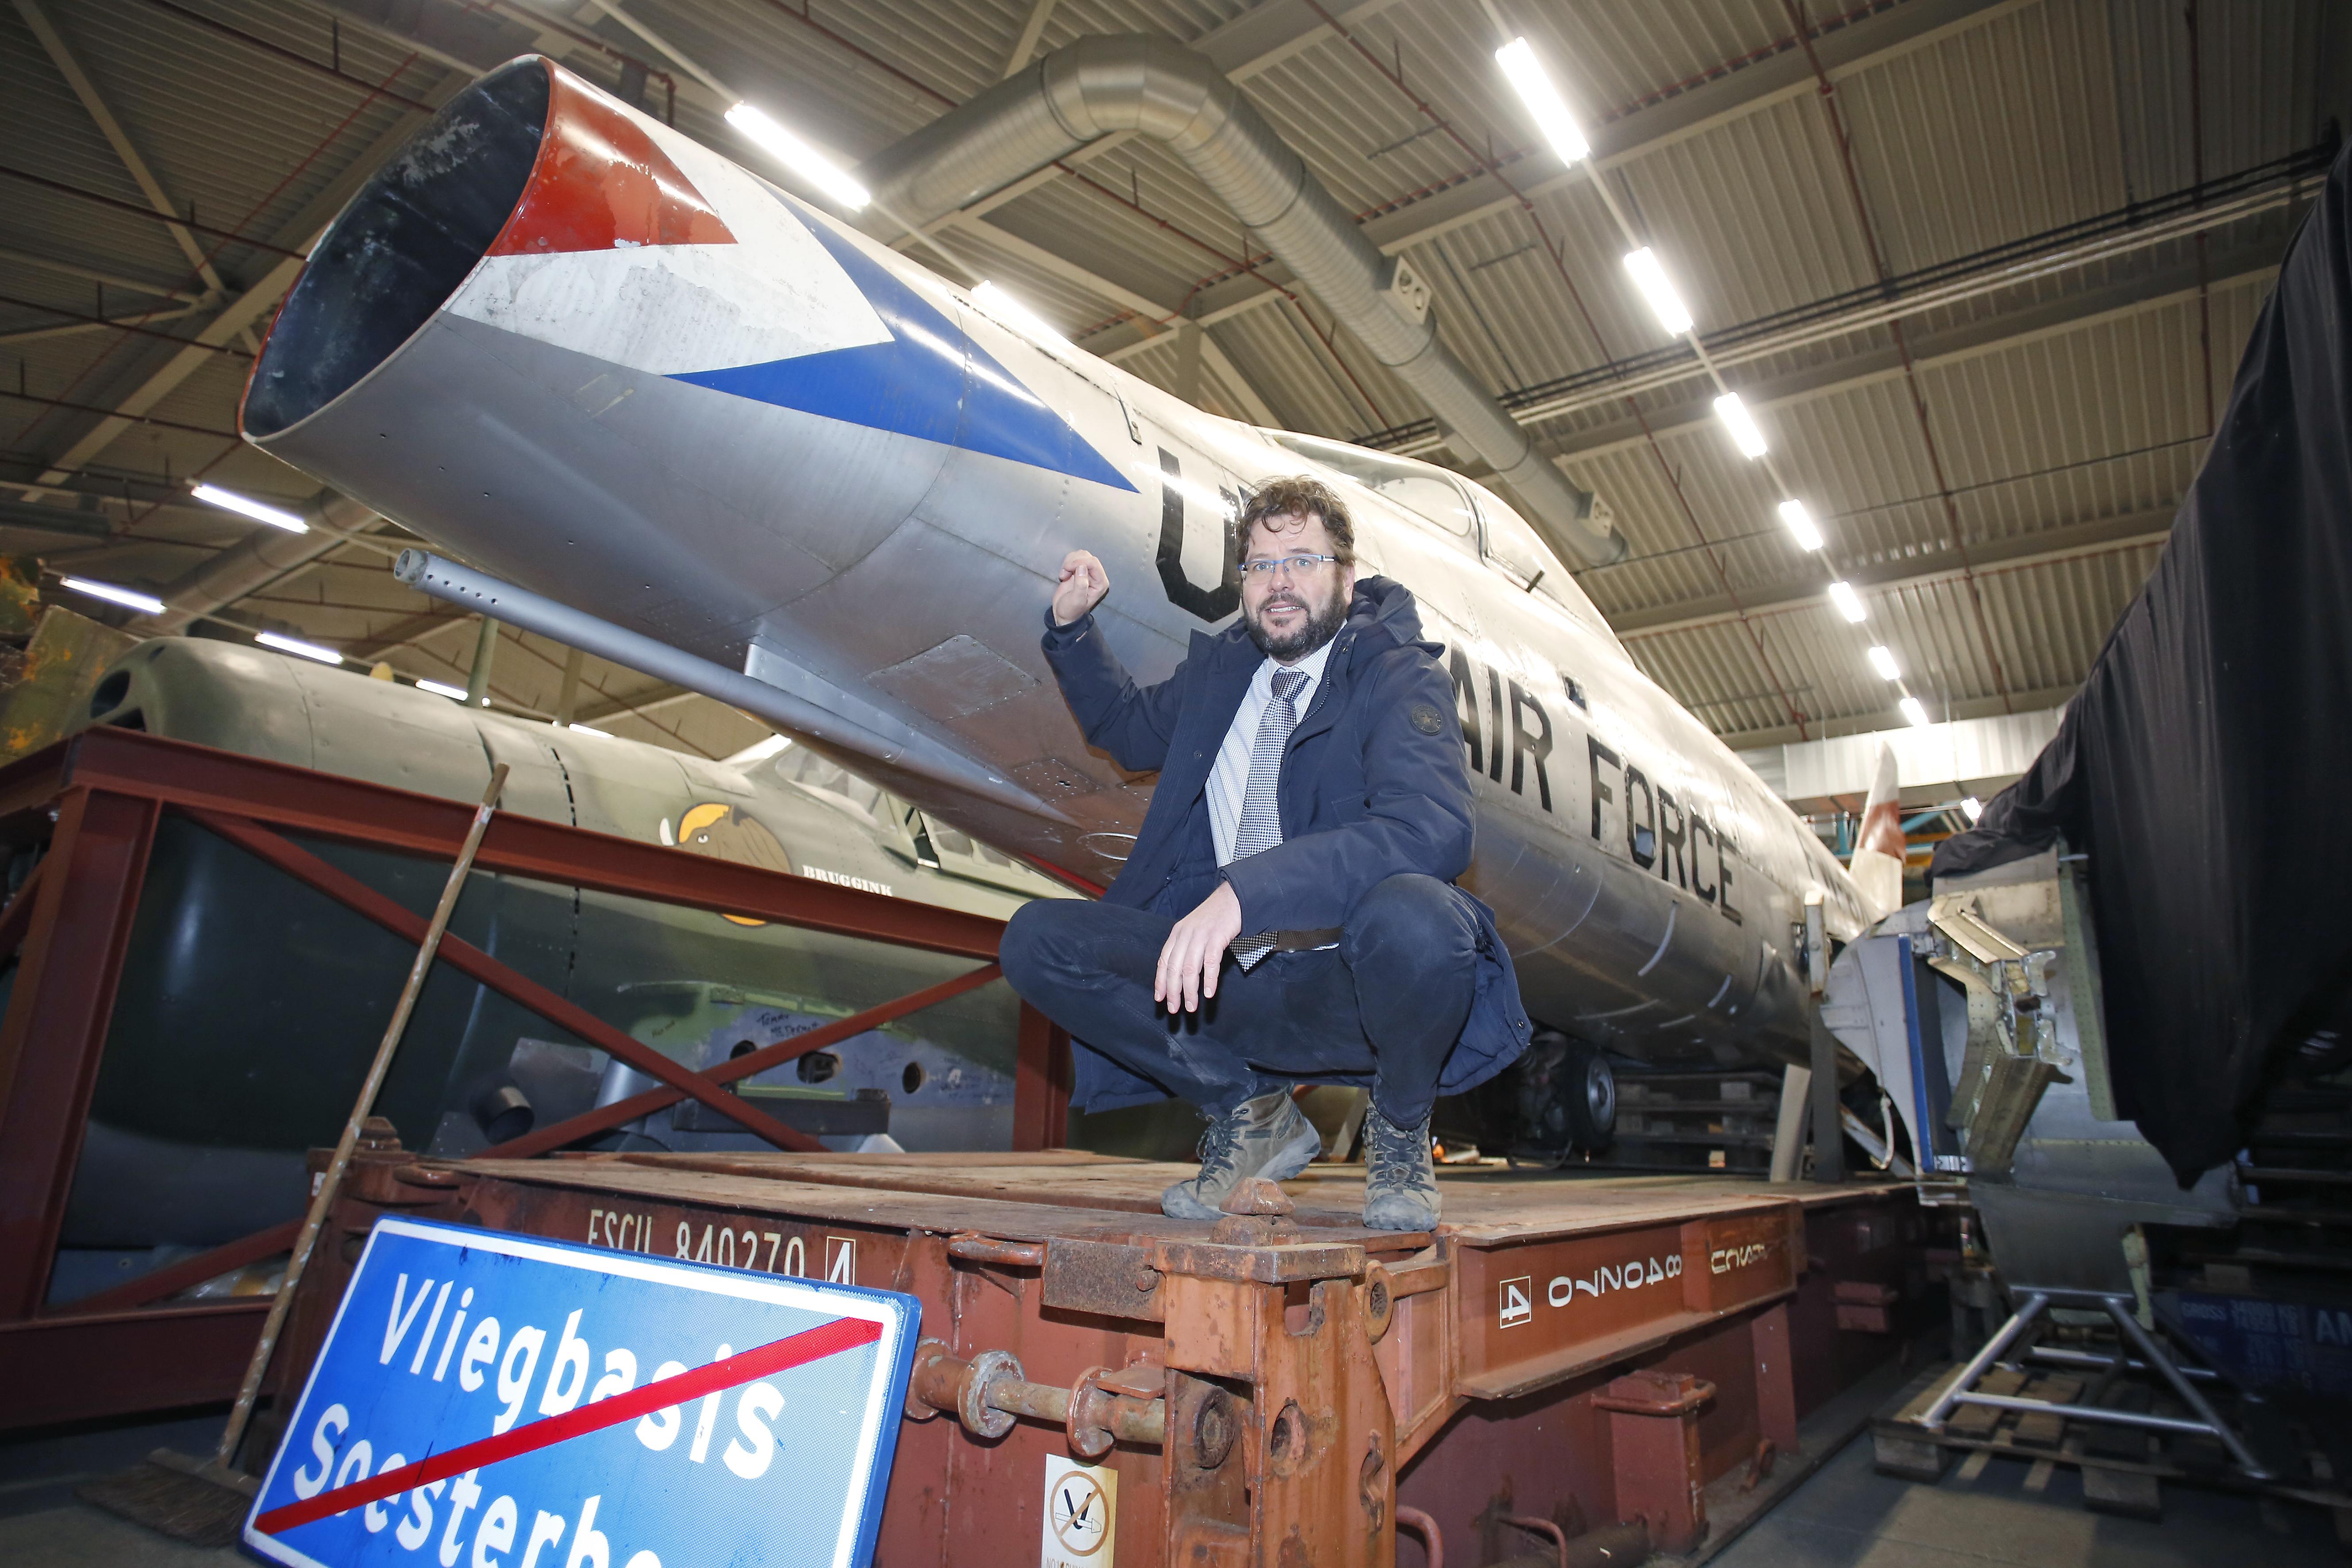 Straks weer helemaal als nieuw, de F-100 Super Sabre van Soesterberg, u weet wel, die van de sonic boom en de crashes; Met dank aan een crowdfund-actie